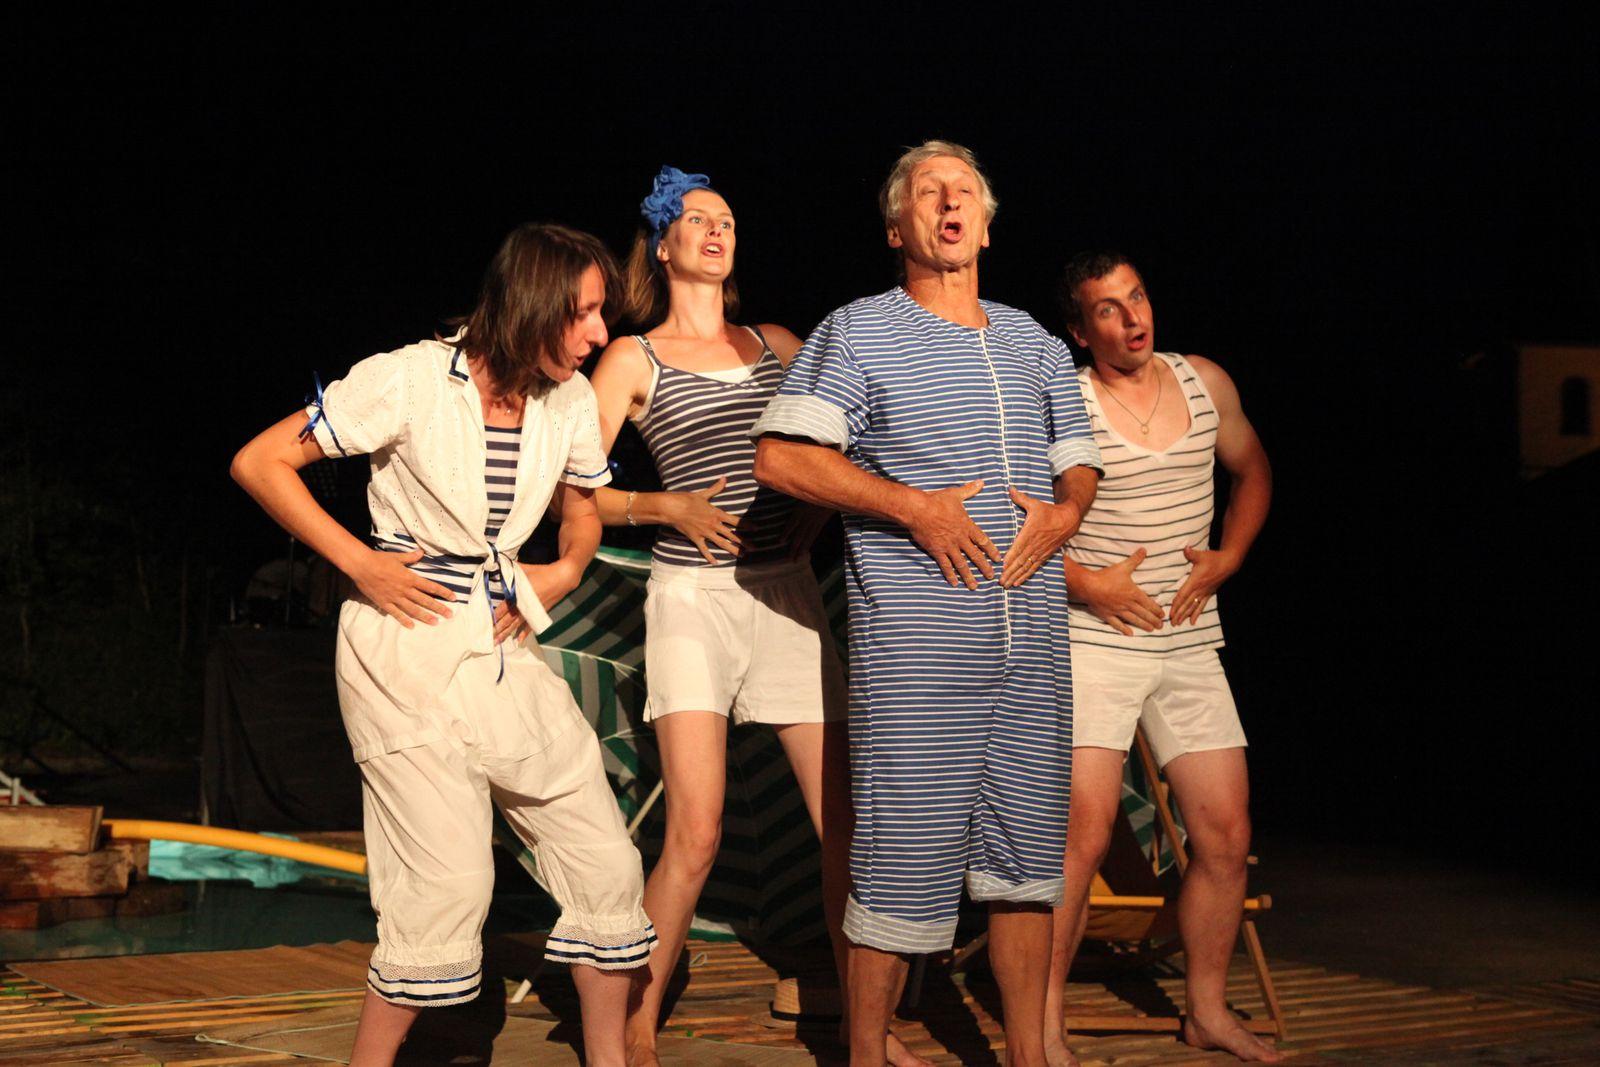 Un spectacle pour celles et ceux qui n'ont pas les moyens de se payer des vacances à la mer… Pour les autres aussi.(photos couleur Gaby Marck - photos NB Elodie Mattler)